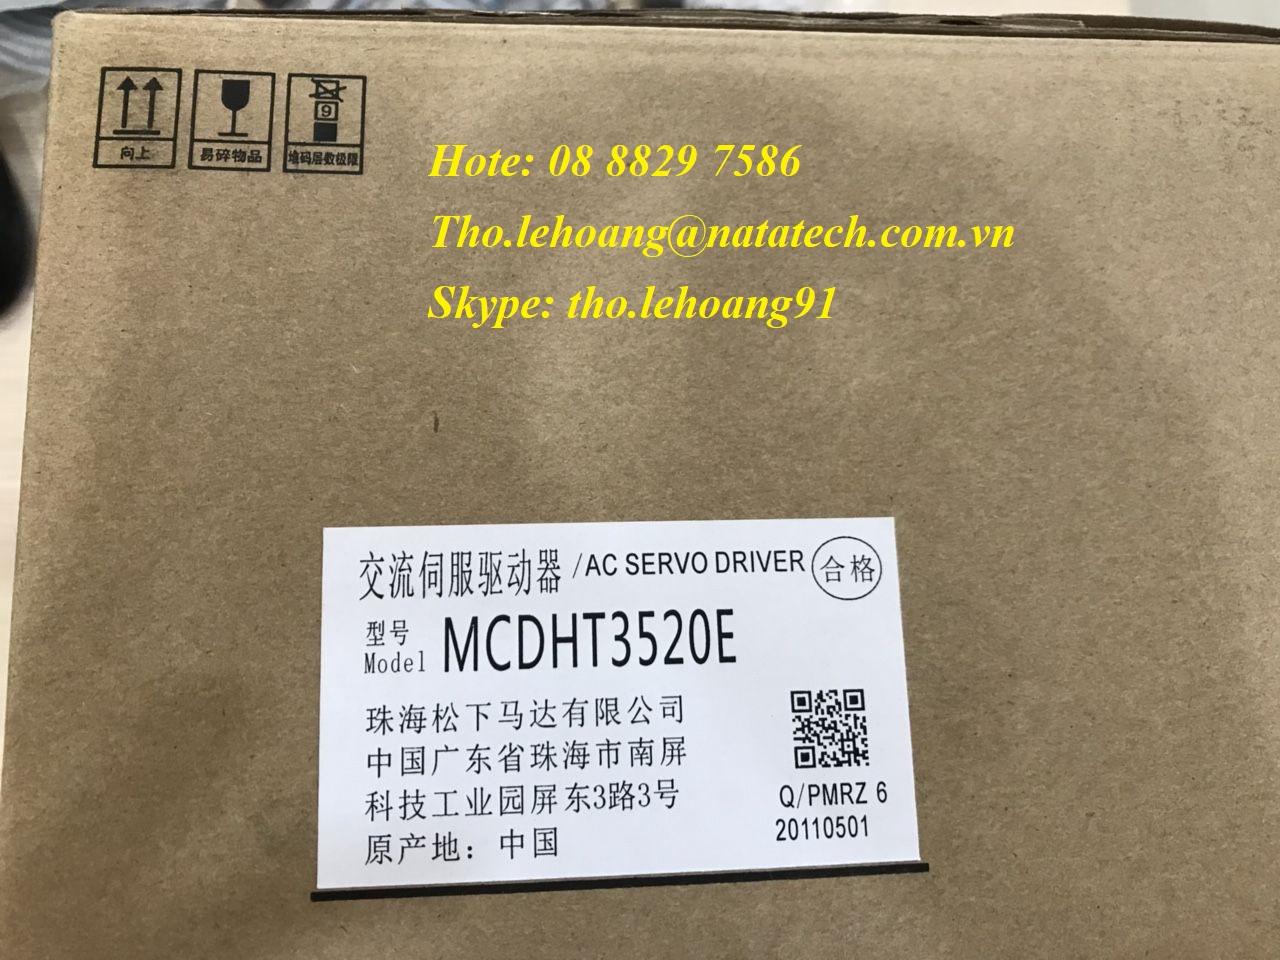 Ac servo Panasonic MCDHT3520E giá tốt - Công Ty TNHH Natatech